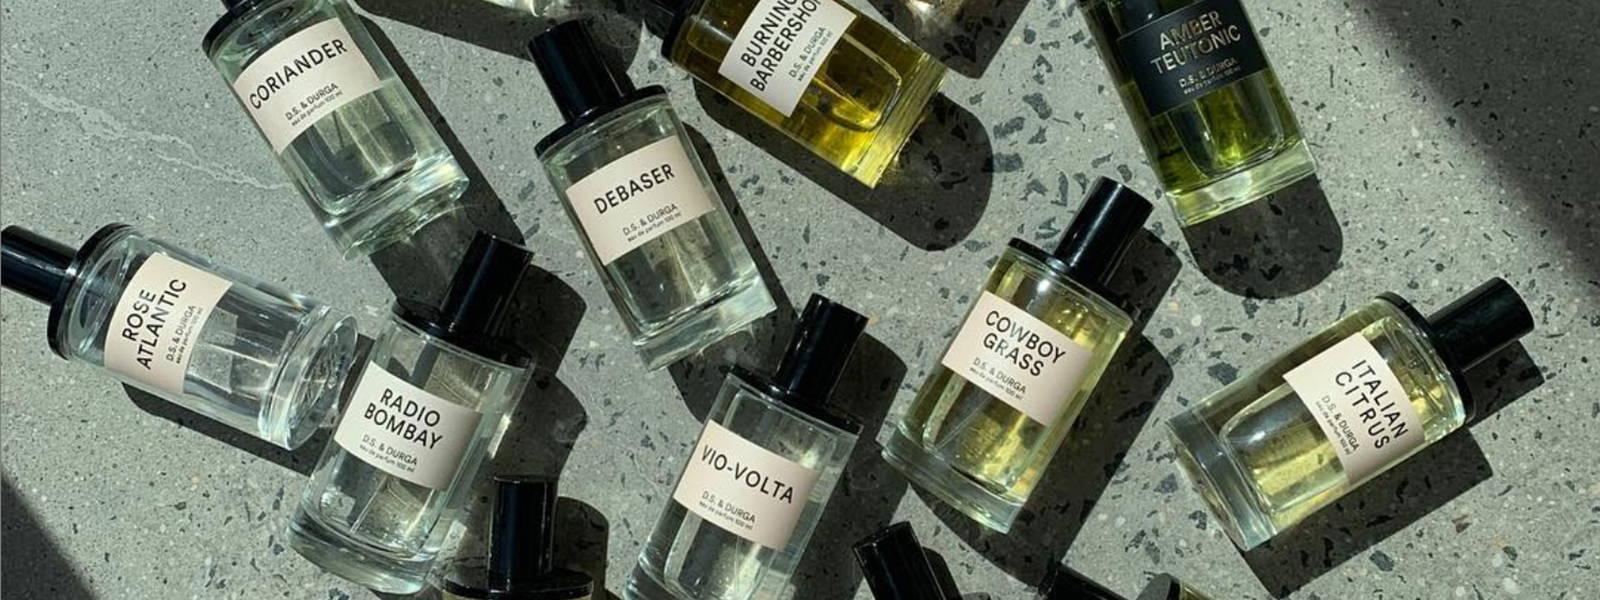 D.S. & Durga Eau de Parfum Bottles